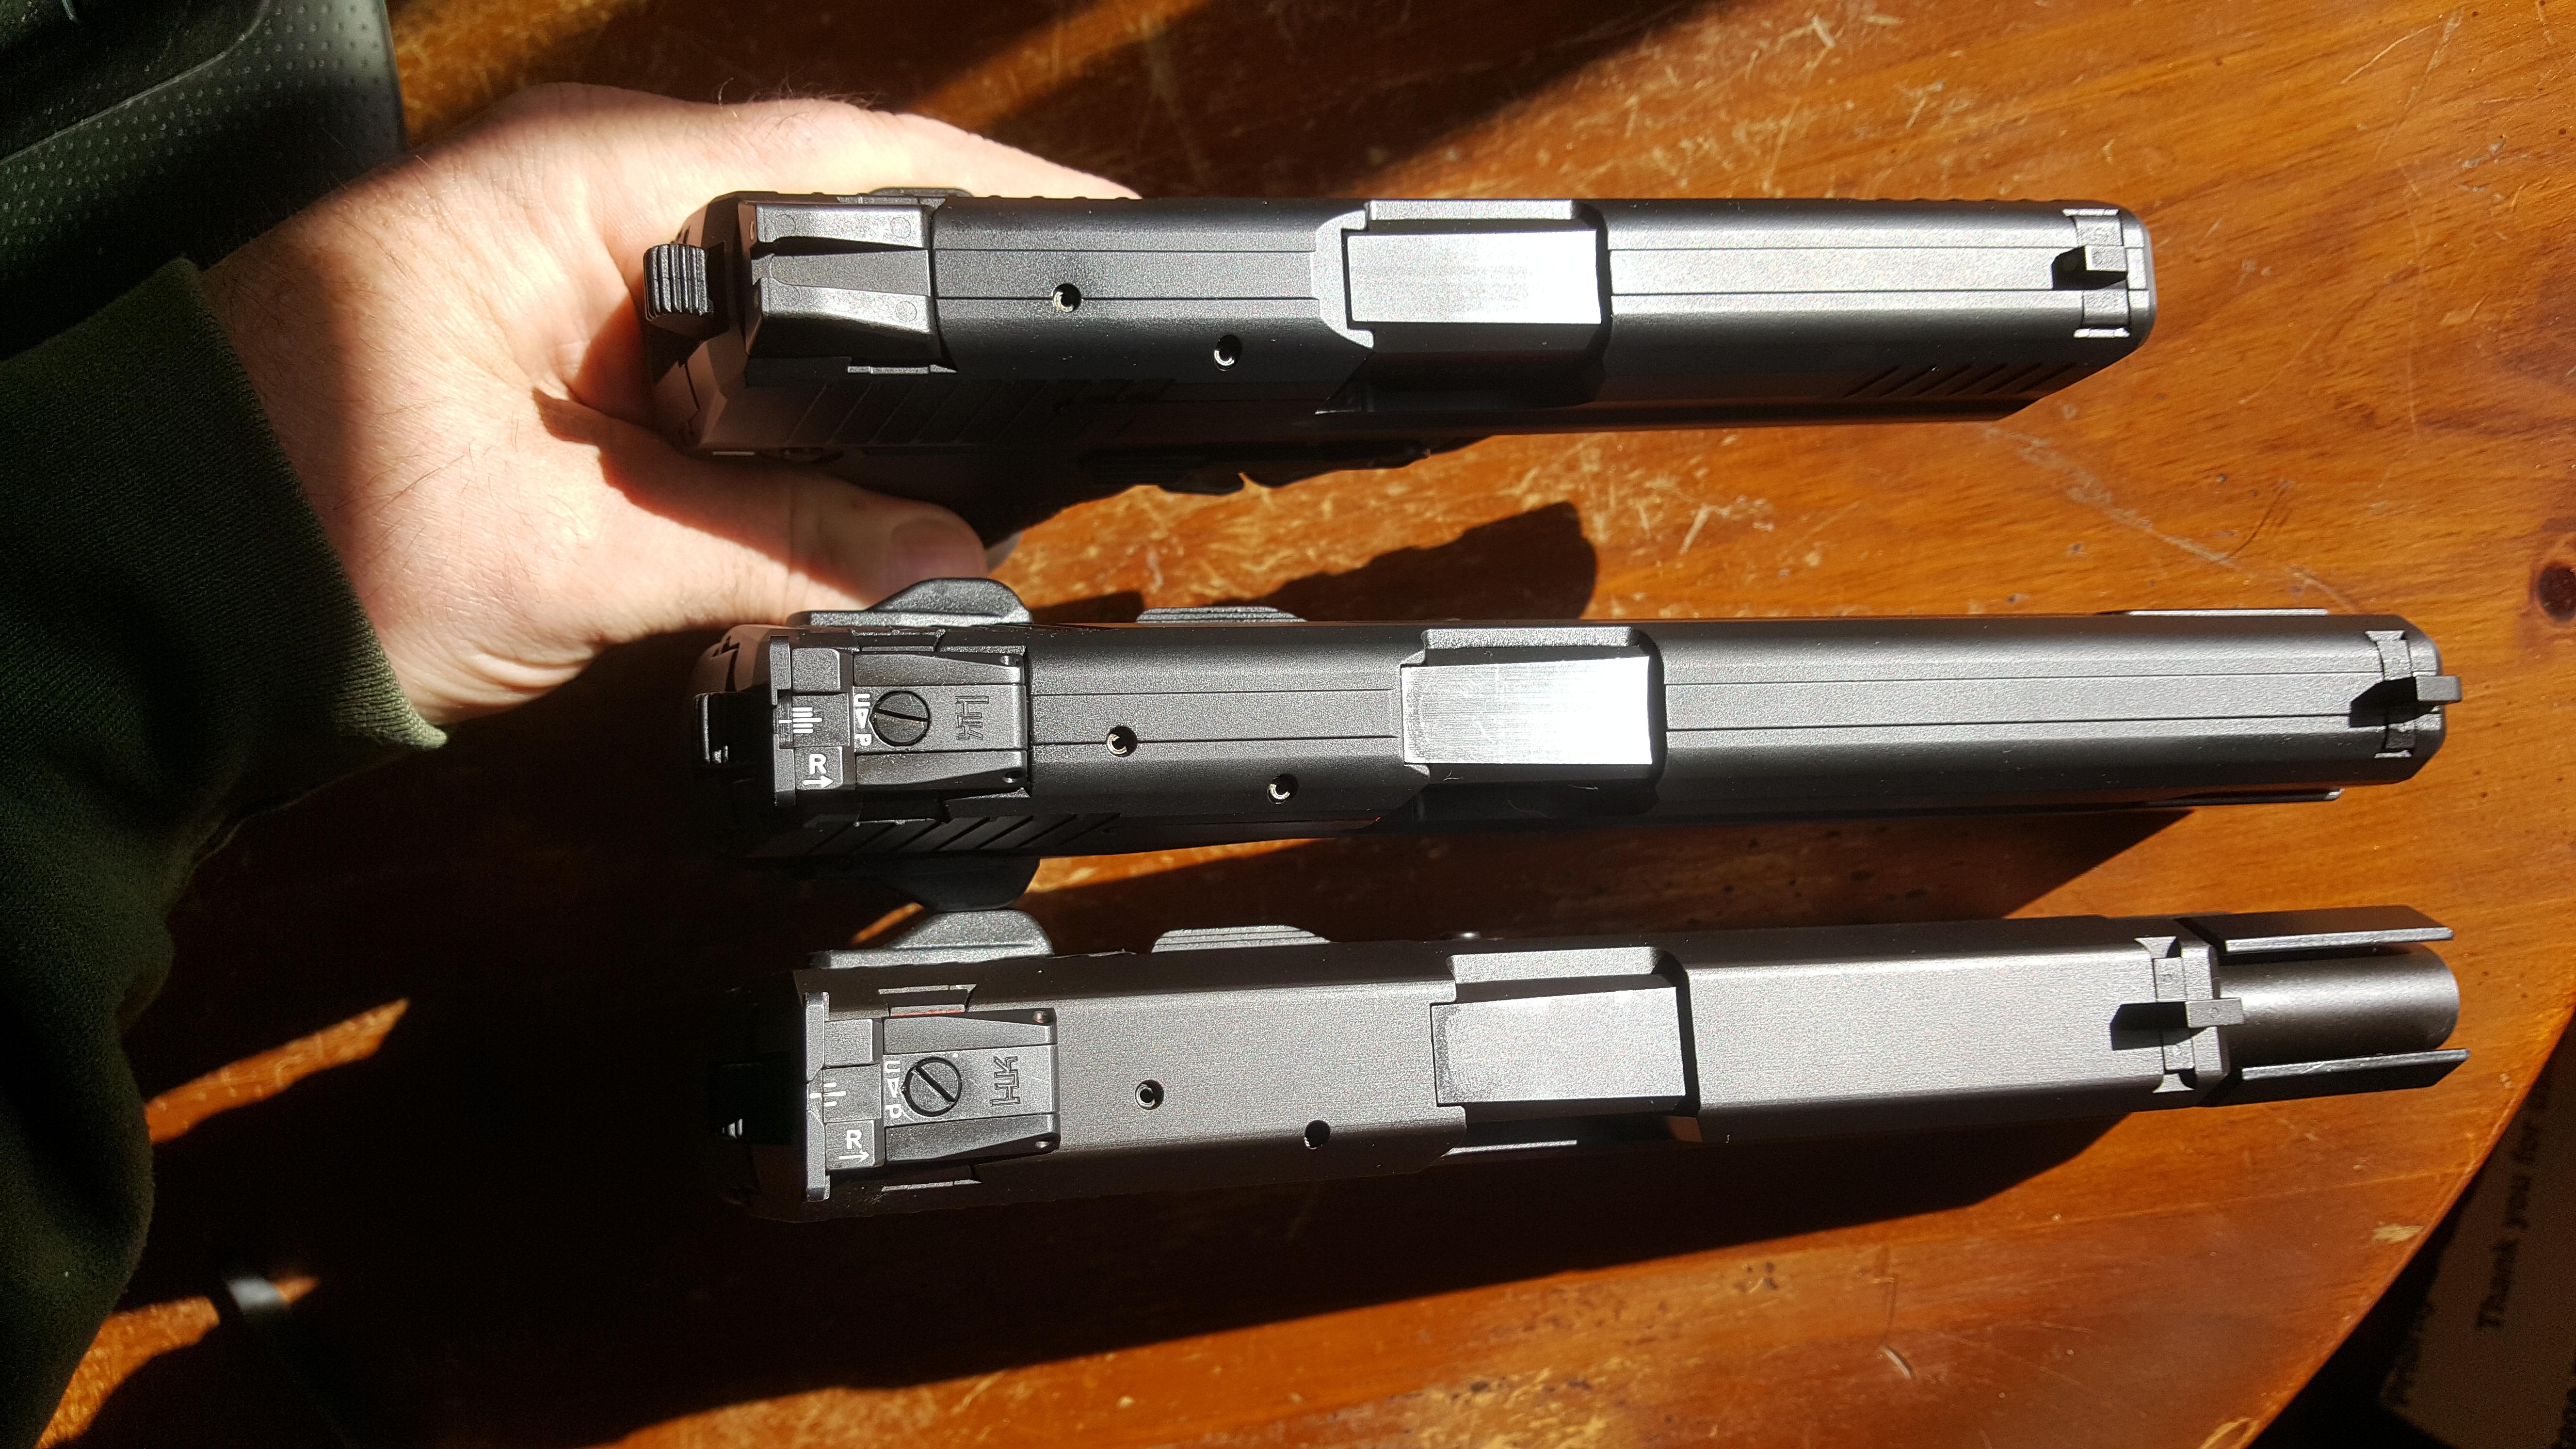 The very scarce HK elite 9mm-20190430_172246.jpg